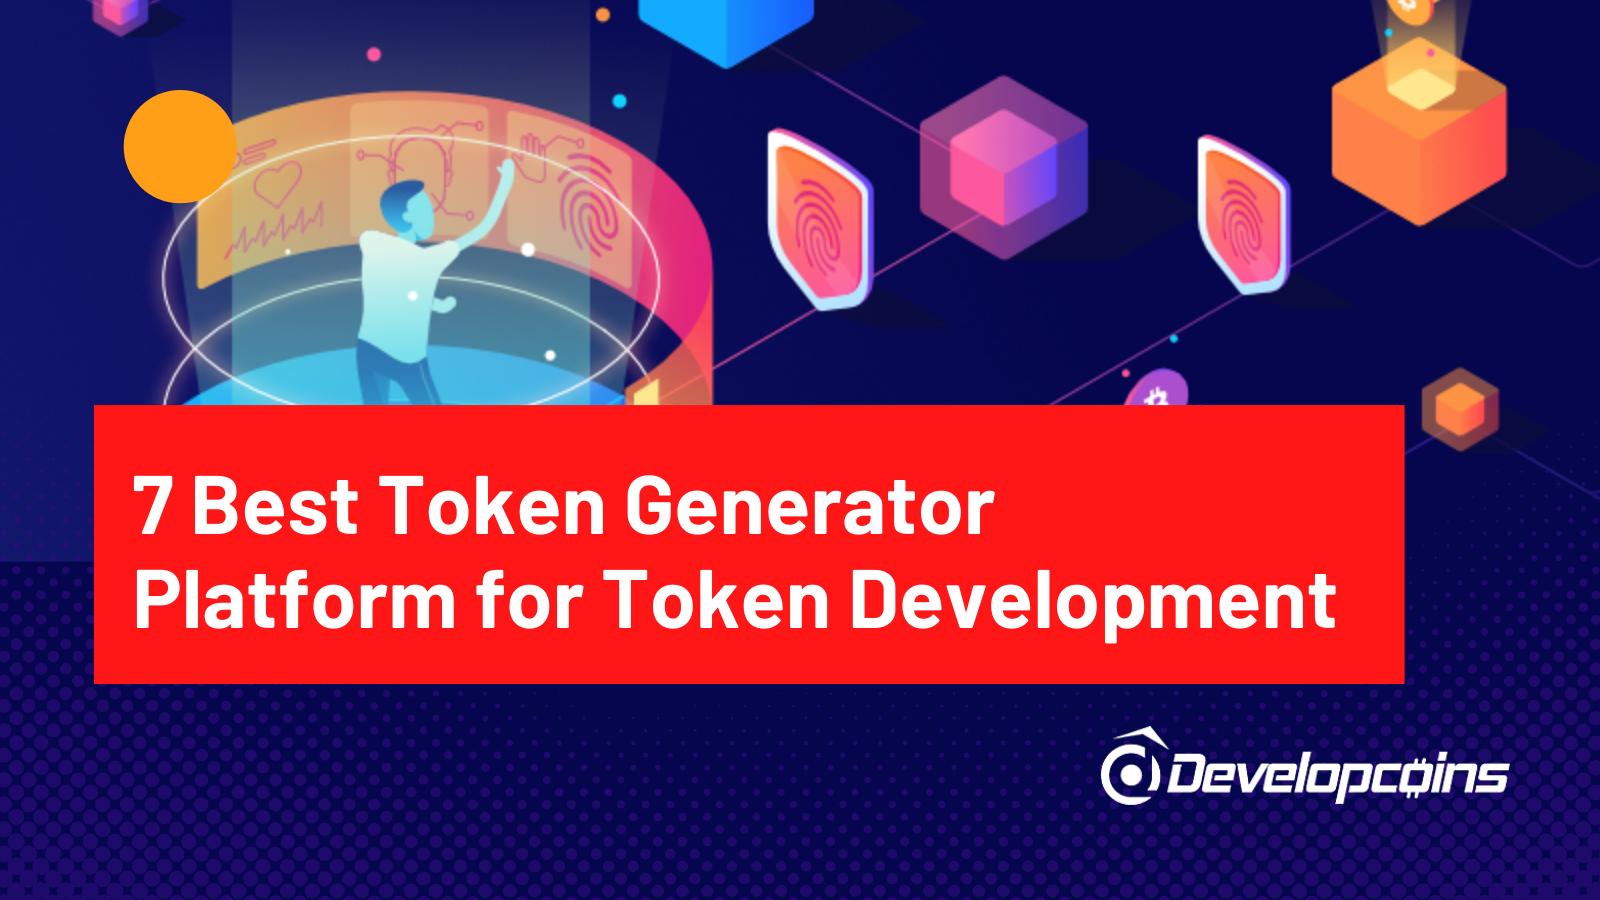 7 Best Token Generator for Token Development 2021